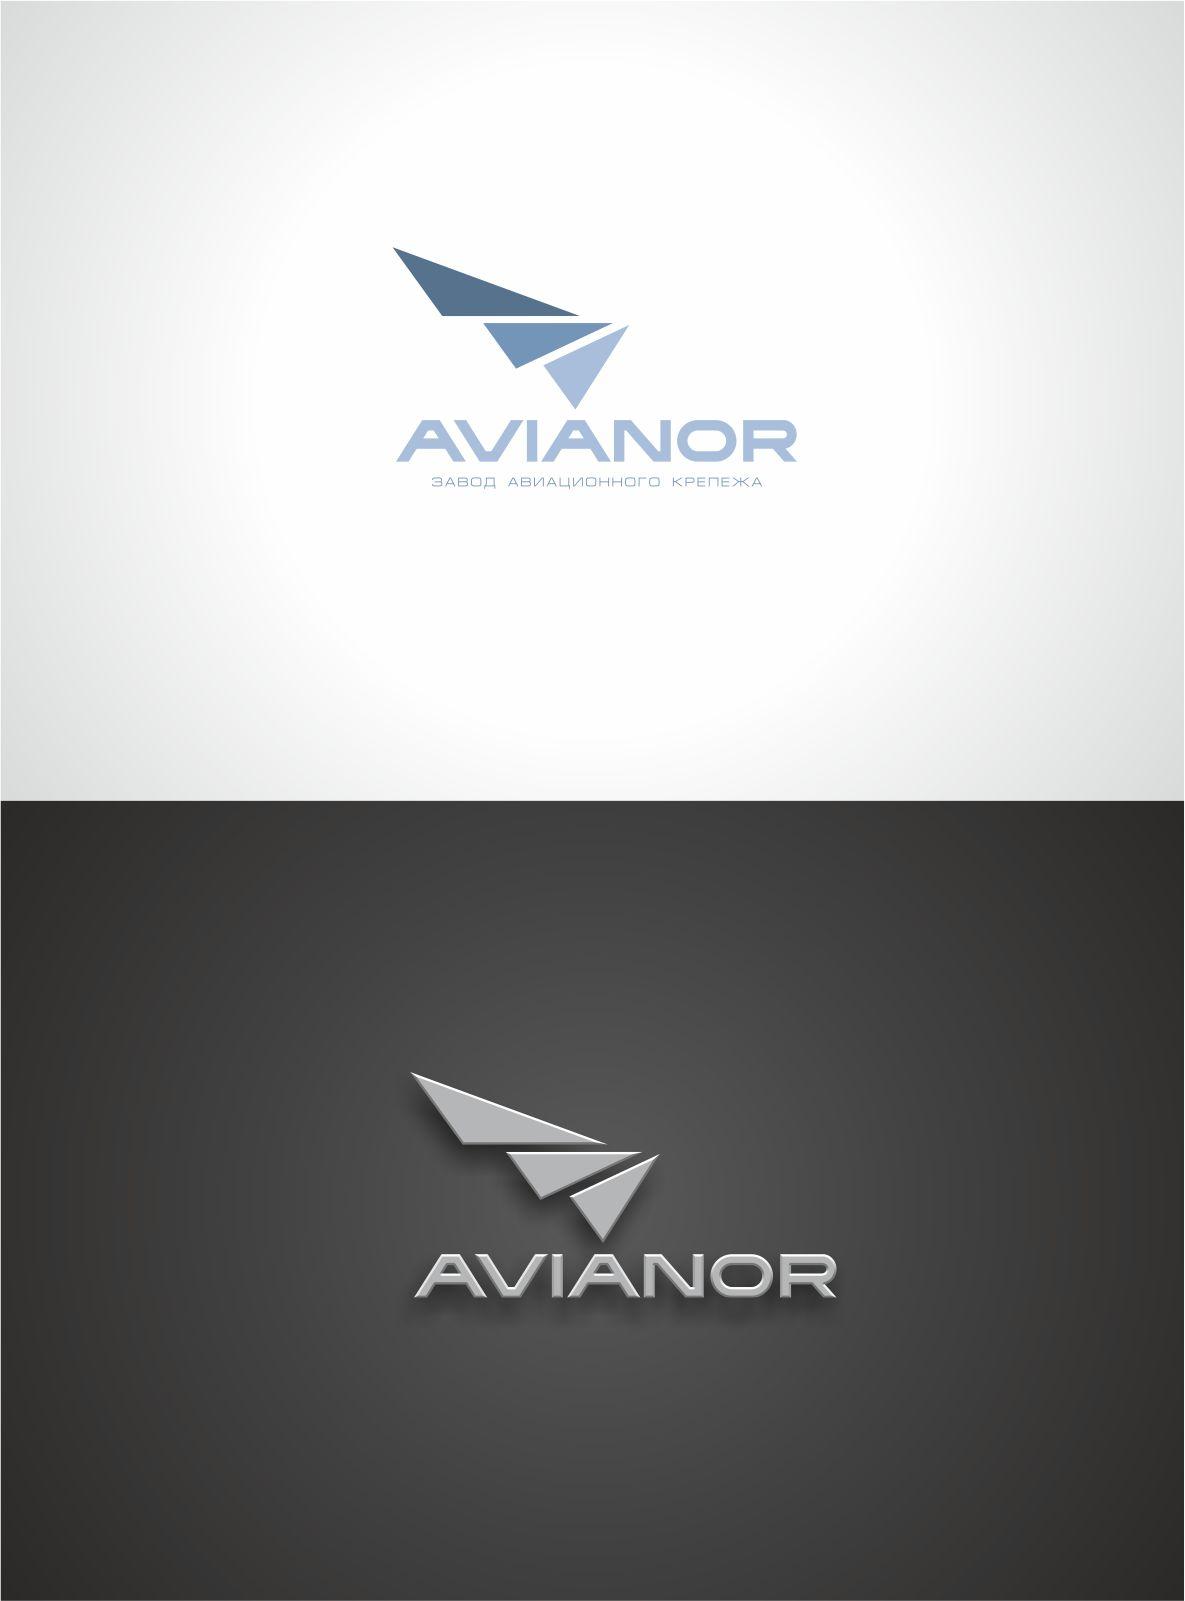 Нужен логотип и фирменный стиль для завода фото f_6465298a11ed015c.jpg